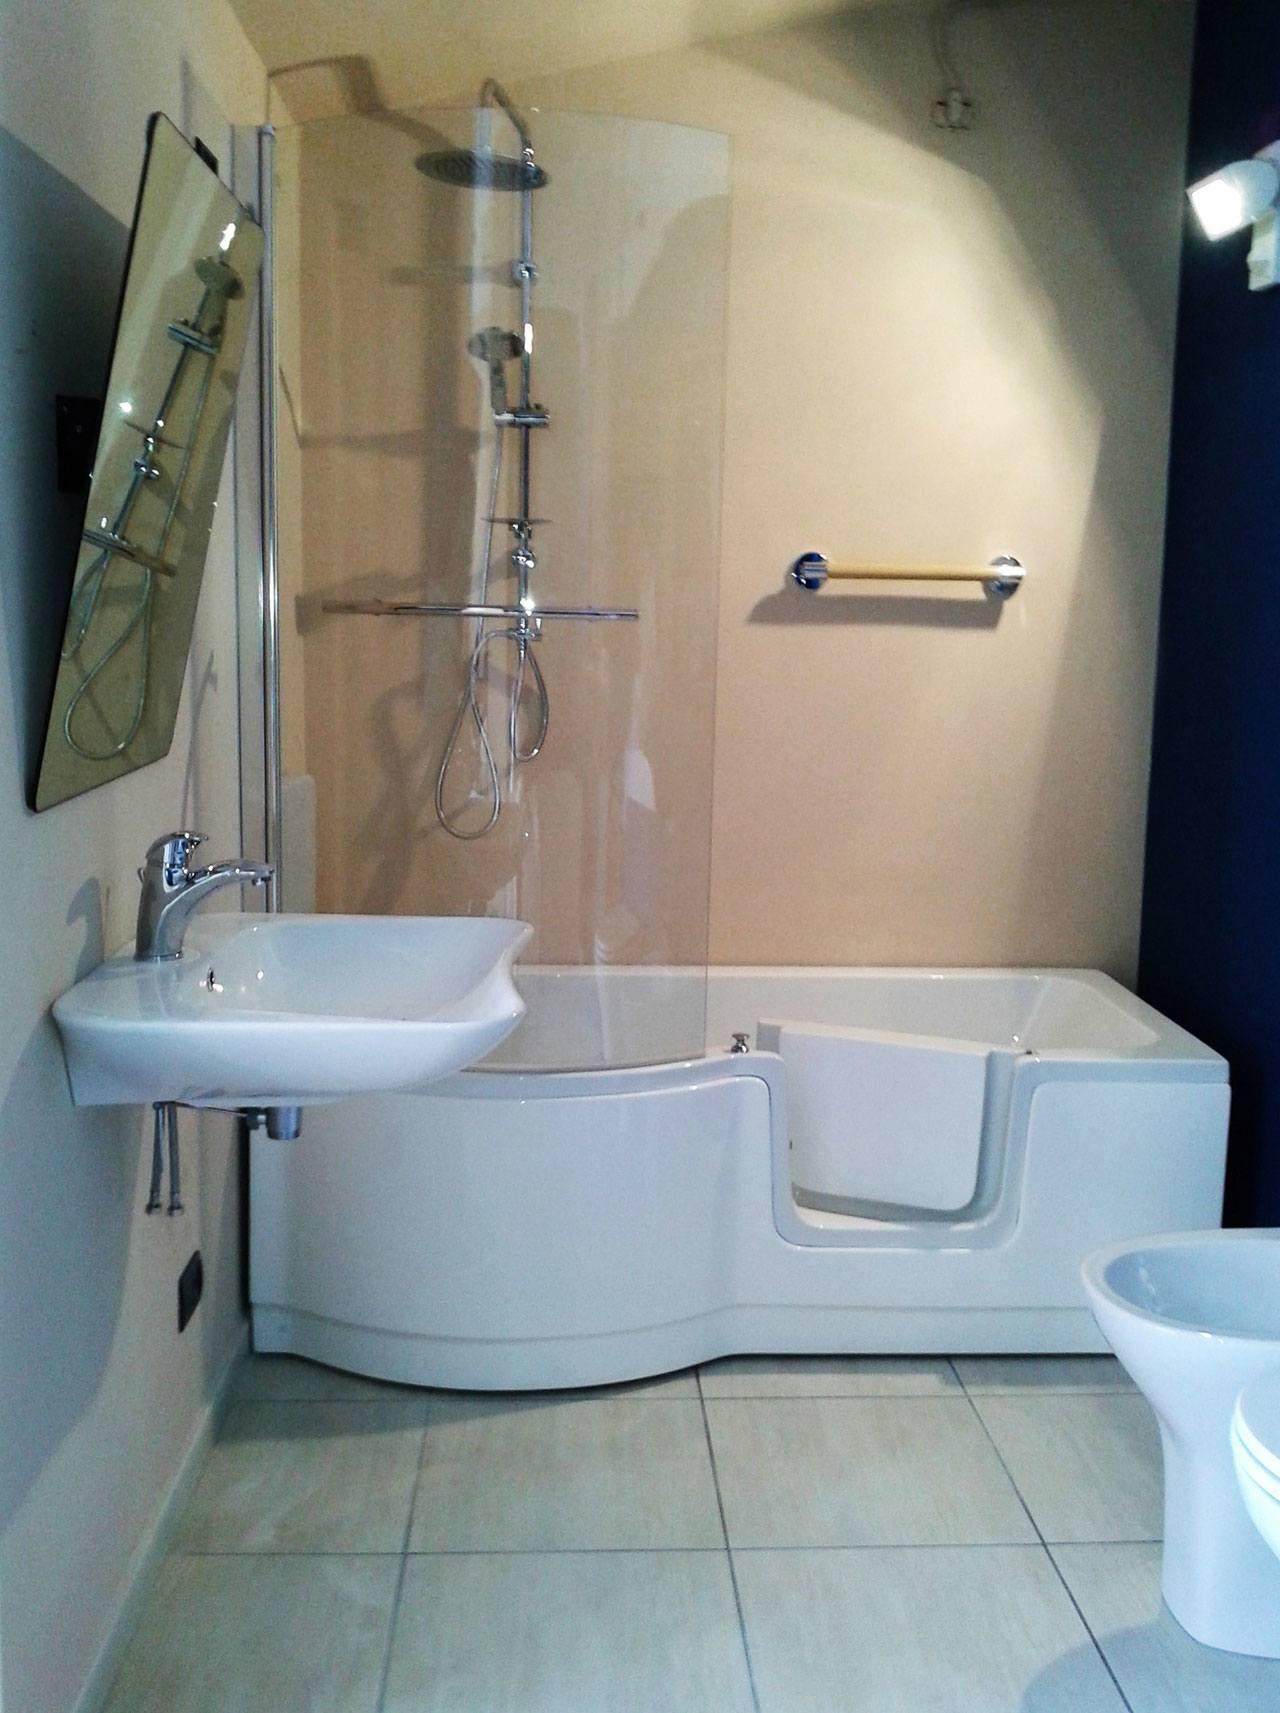 Vasca doccia con sportello torino   bagnosereno.it